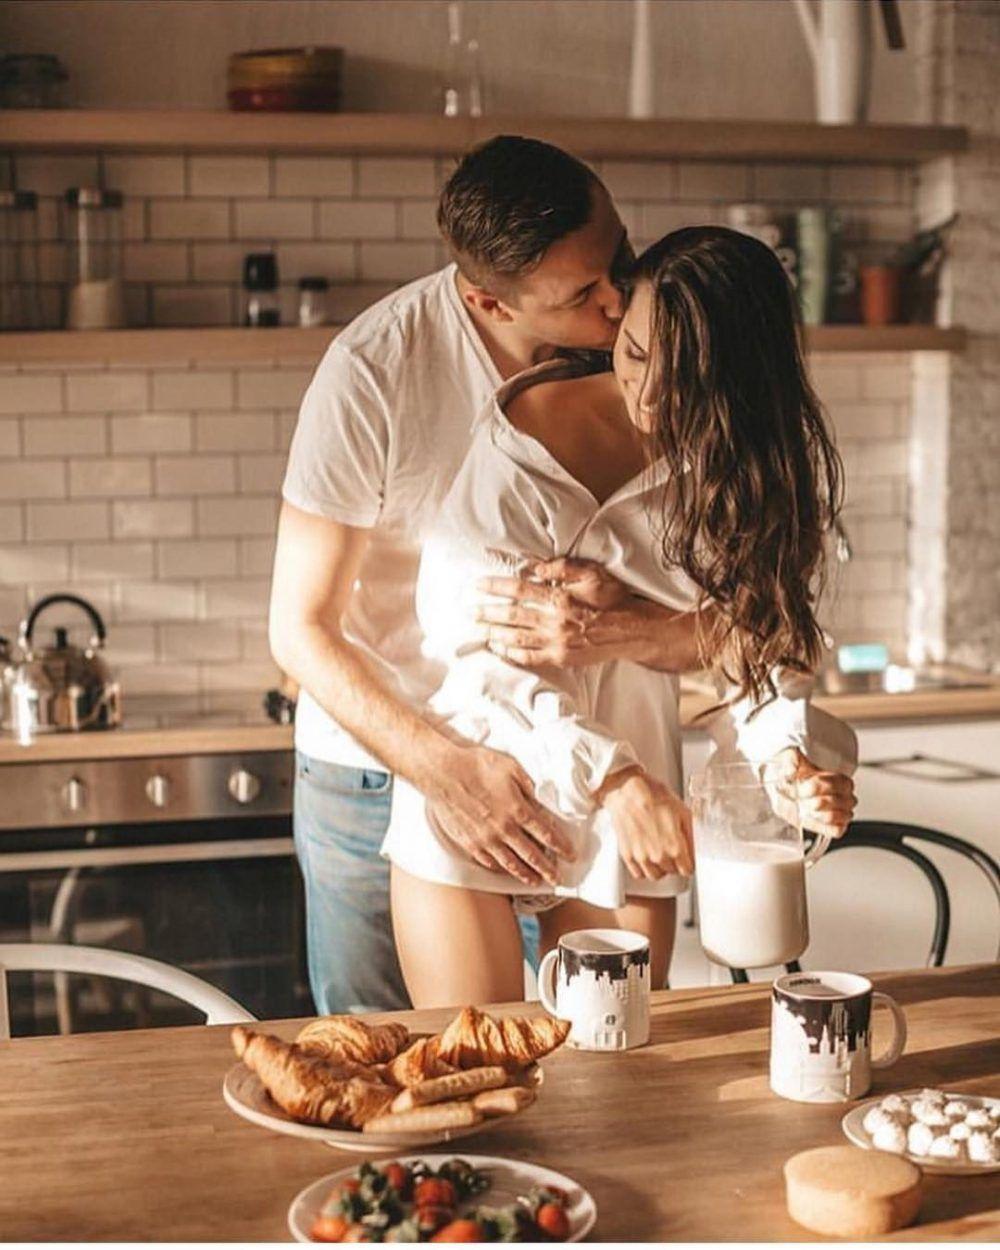 смотреть красивый на кухне молодожены такое вытворяют нас